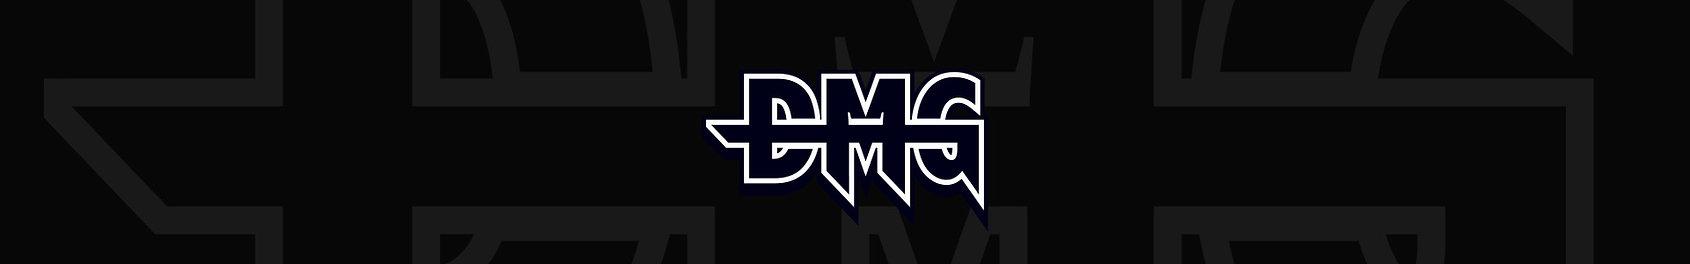 LogoBar_SacramentoDMG.jpg